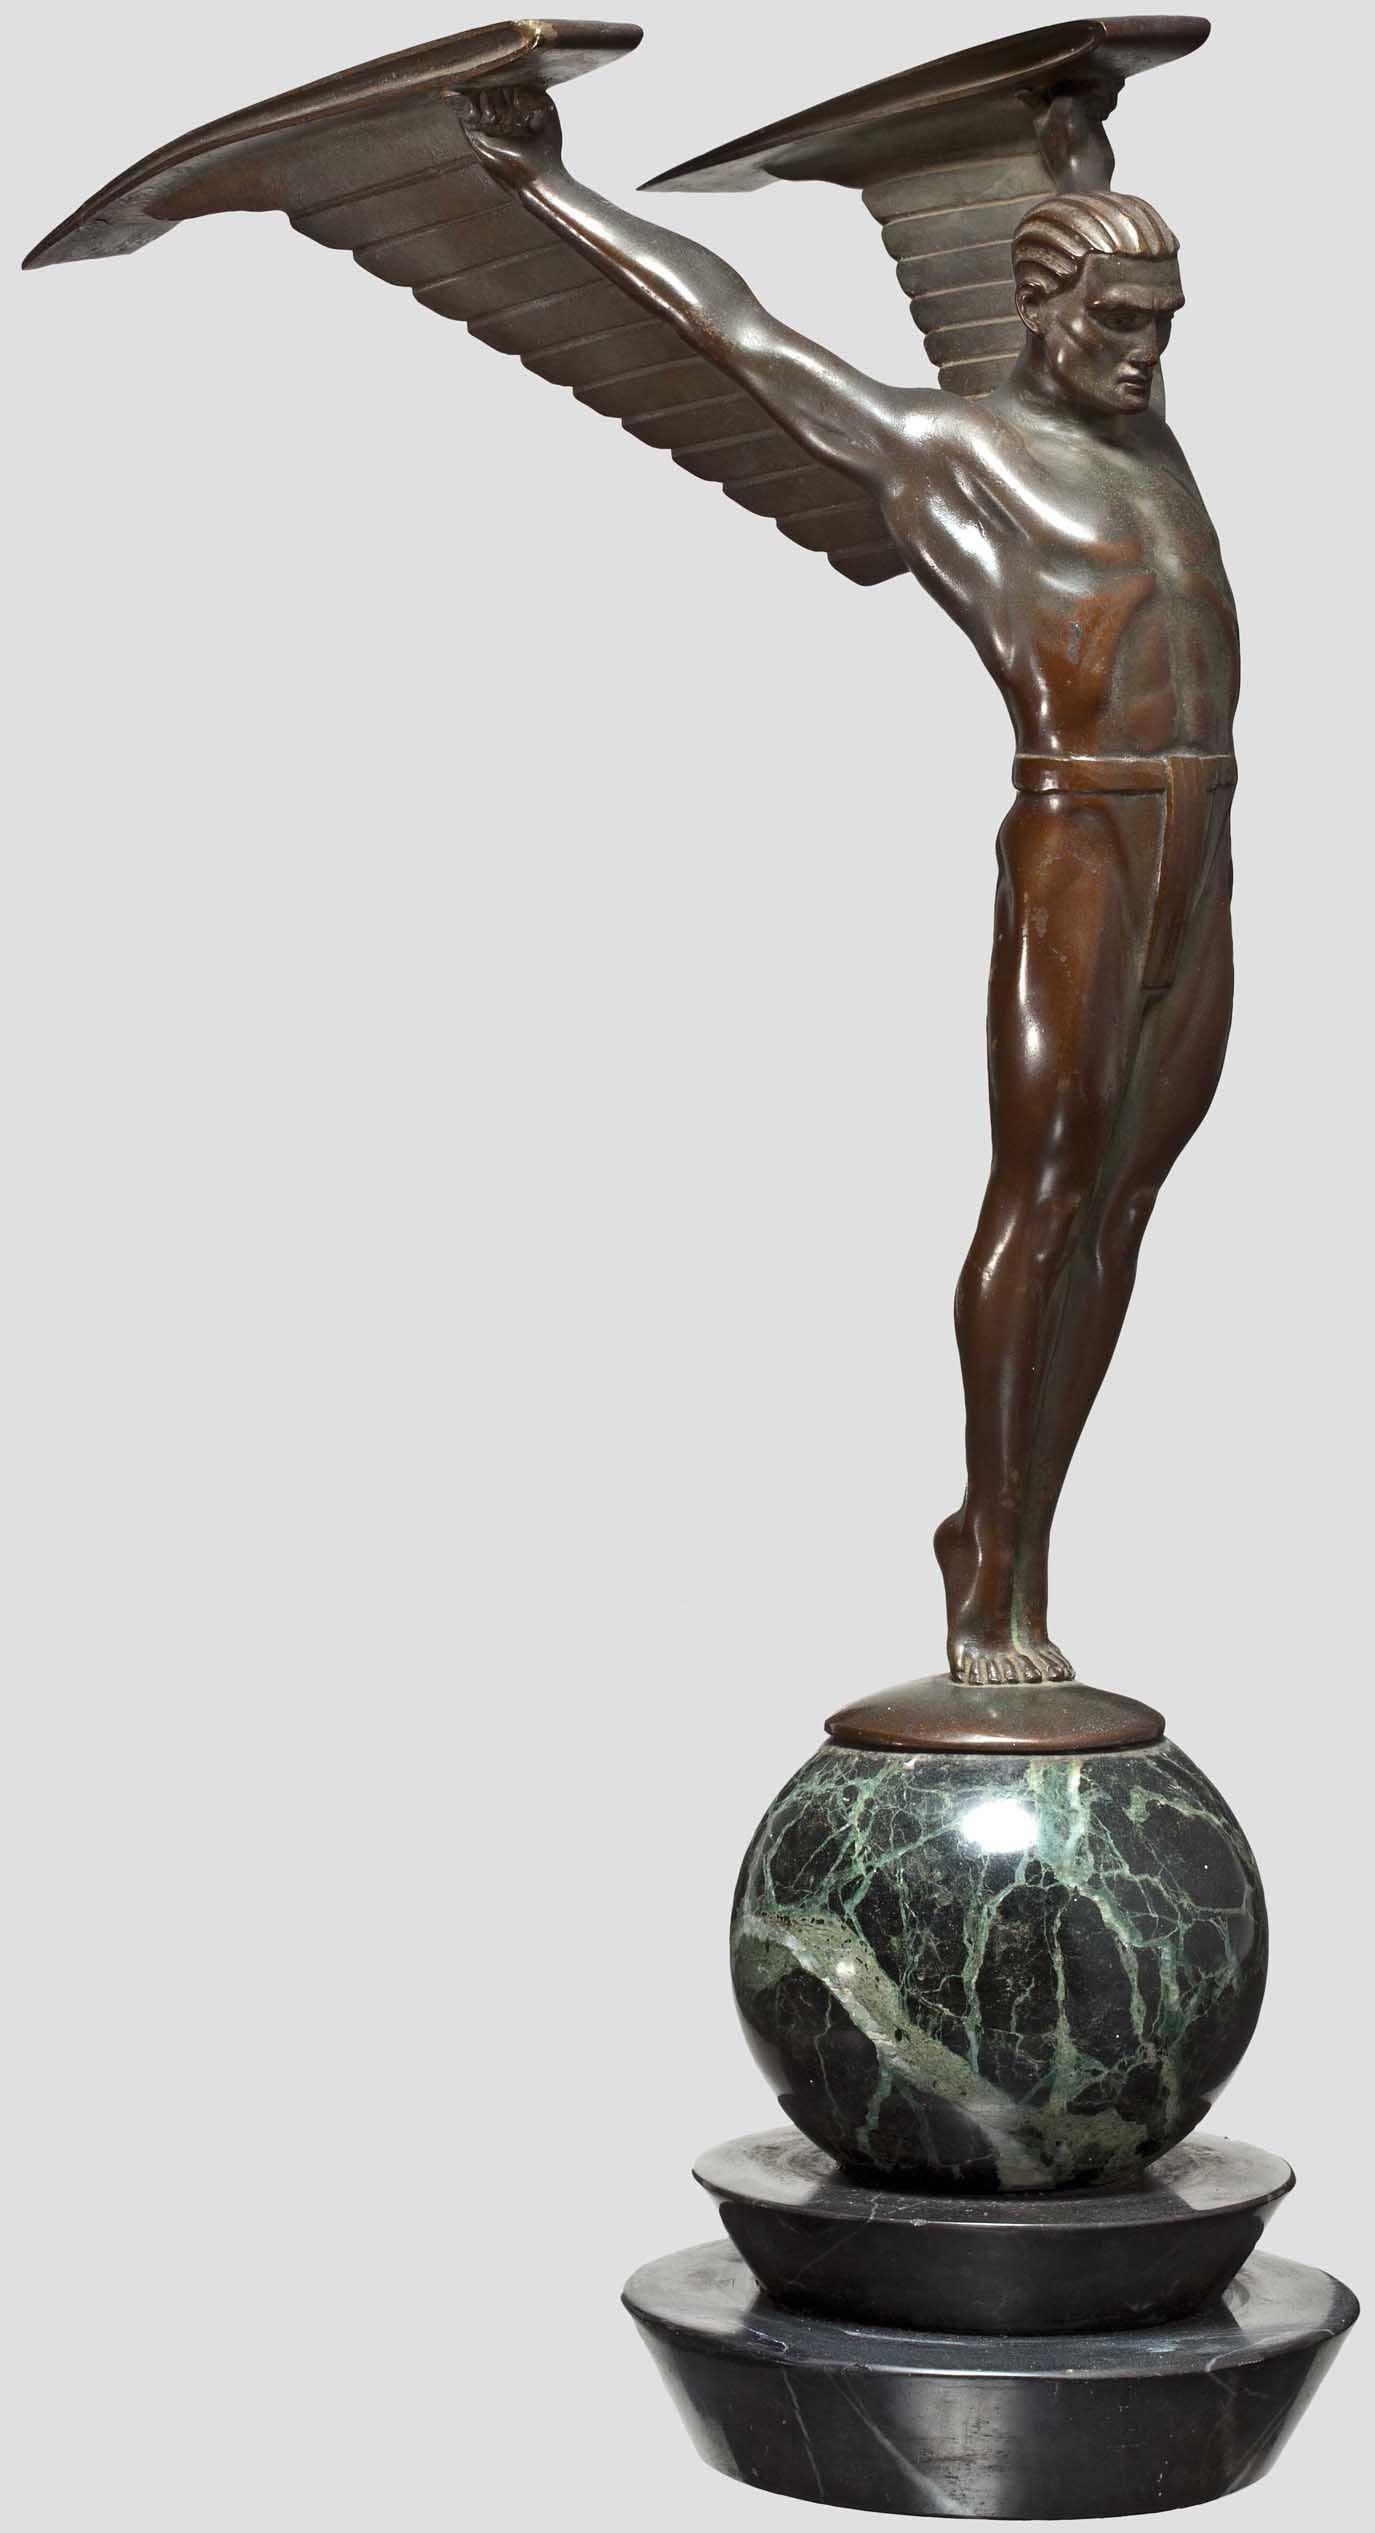 Ikarus bronze art deco 1920 otto schmidt hofer 1873 1945 for Ikarus wohnen